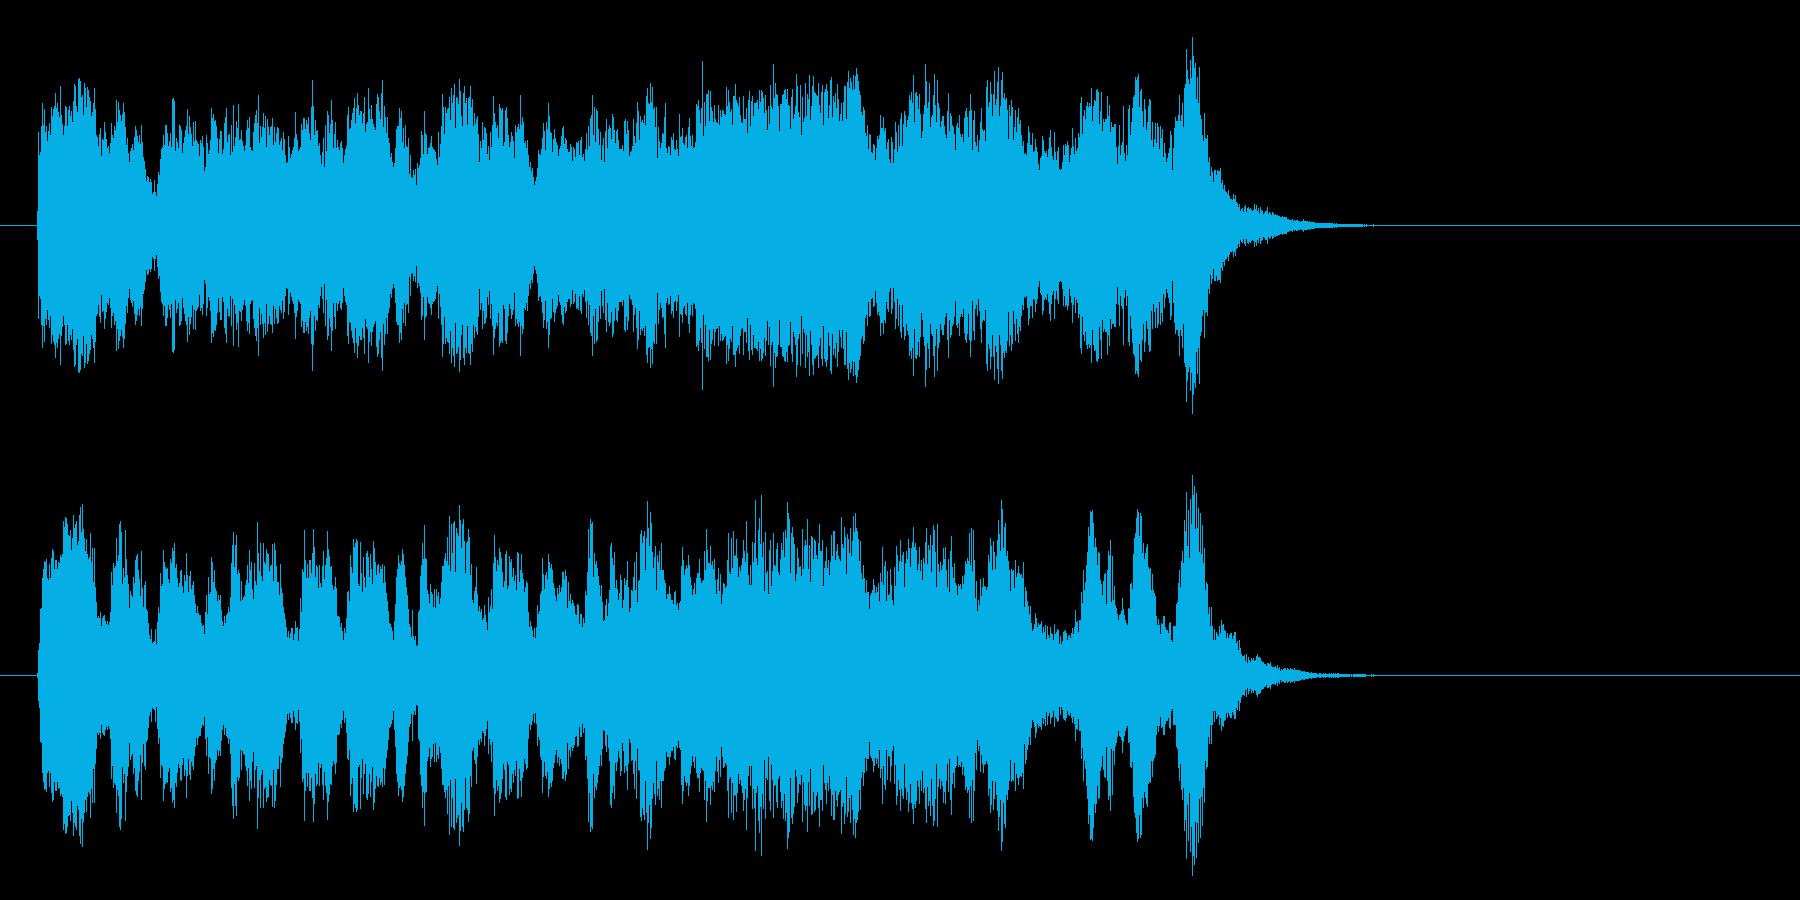 気品高いオーケストラ楽曲(サビ)の再生済みの波形